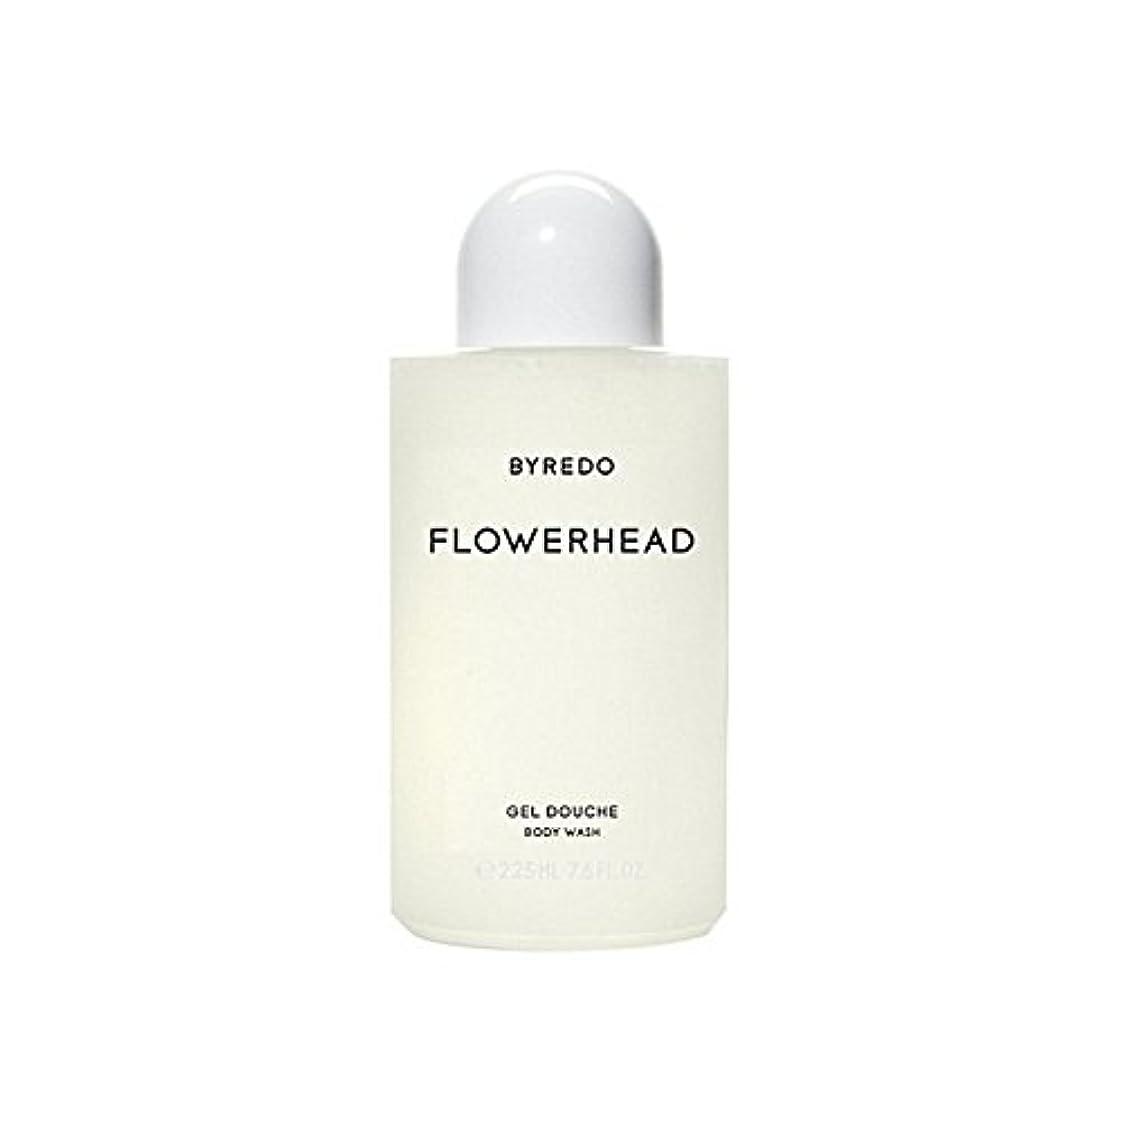 波紋励起等しいByredo Flowerhead Body Wash 225ml (Pack of 6) - ボディウォッシュ225ミリリットル x6 [並行輸入品]